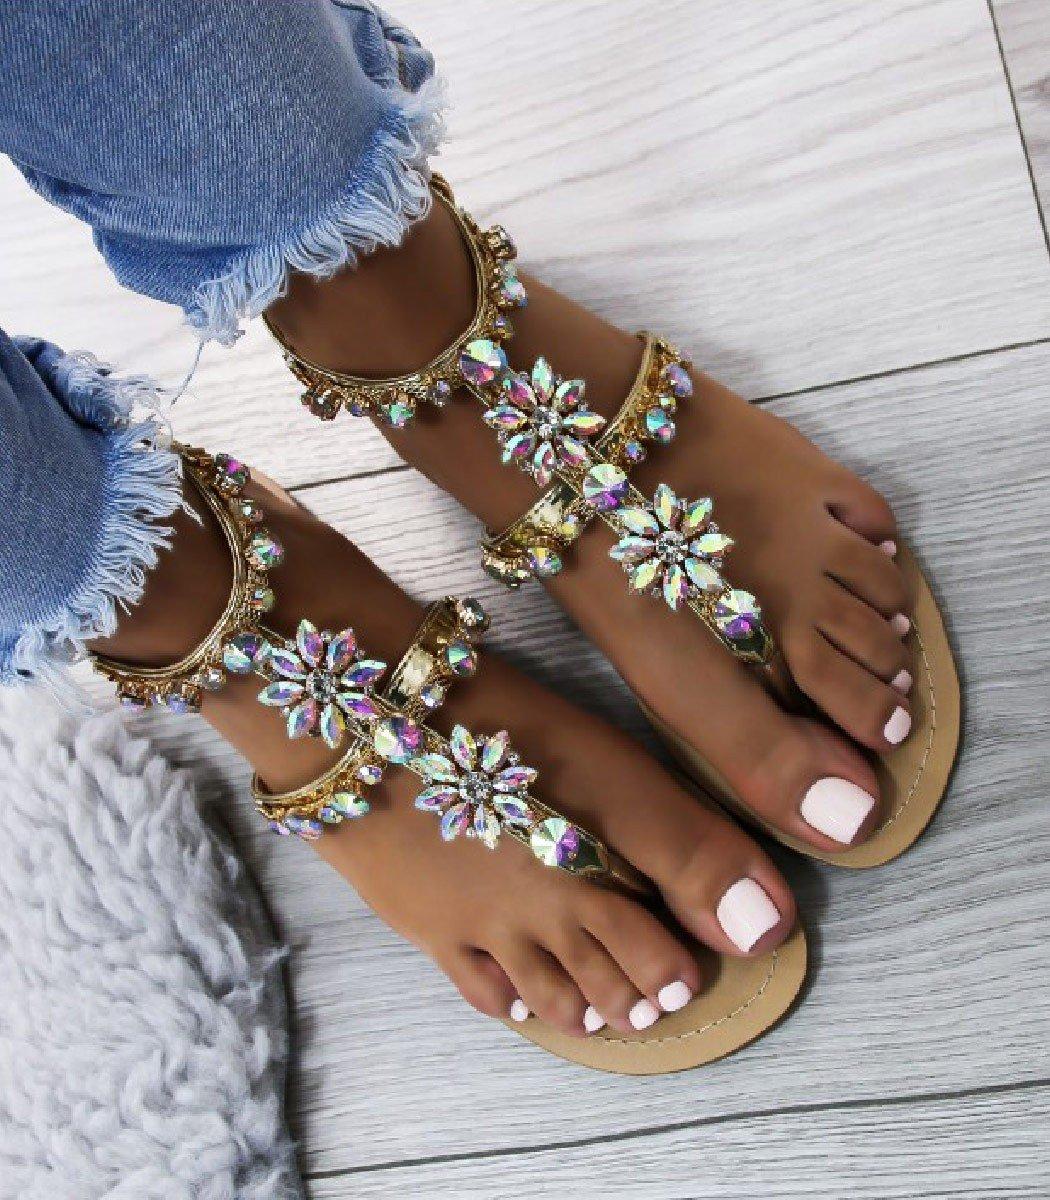 b9b98b3200b0 Zlaté sandále Tia · Kliknite pre zväčšenie obrázku